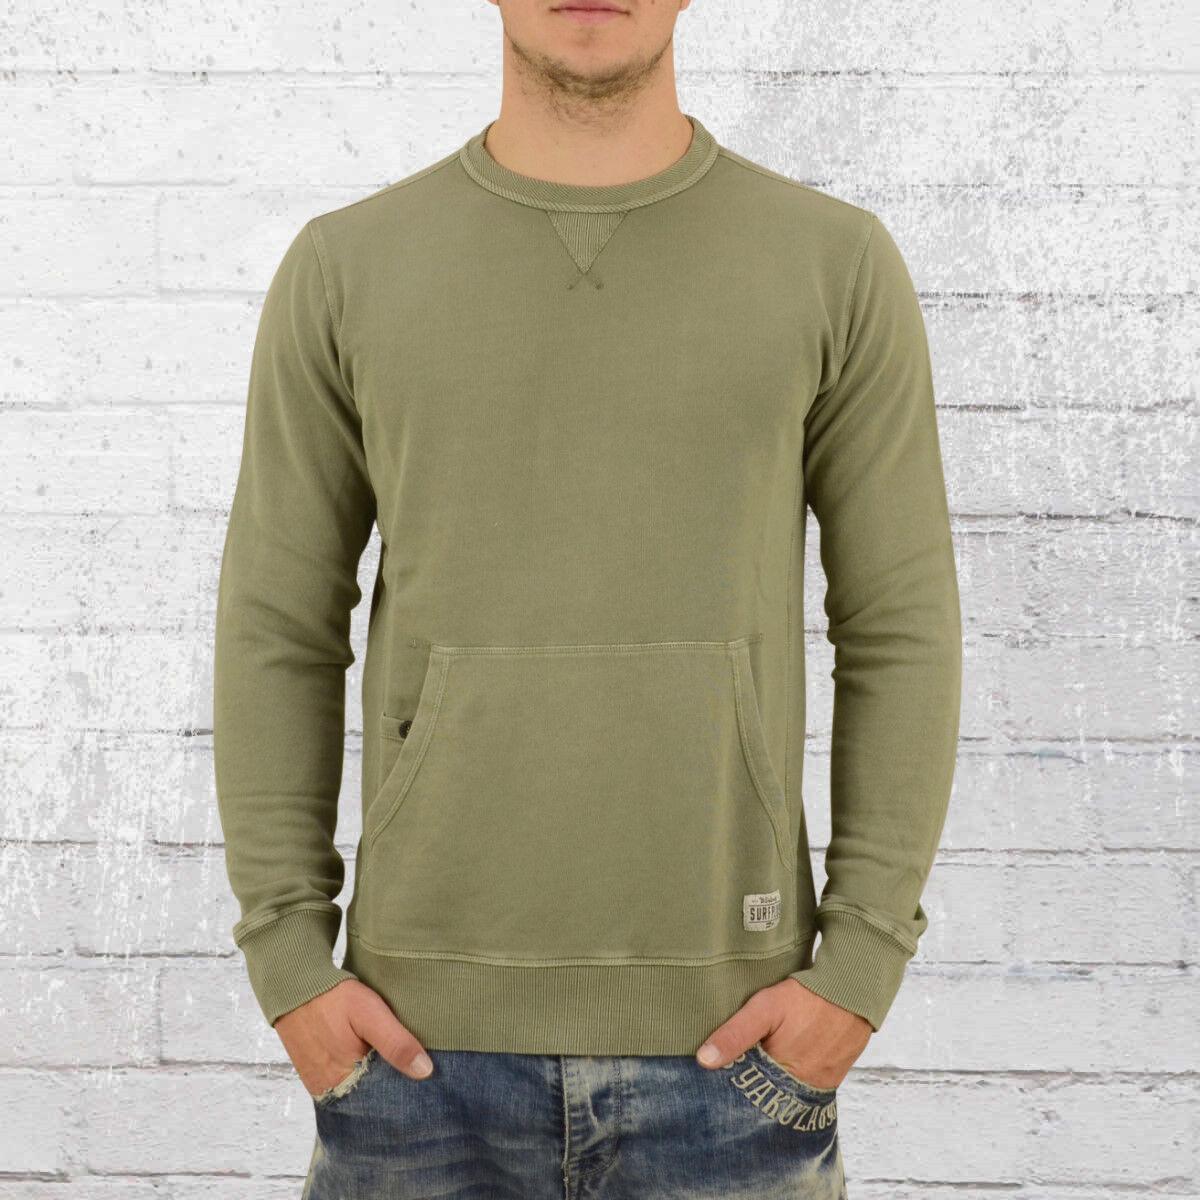 BILLABONG uomini SWEATER WAVE Slavati CREW verde OLIVA uomini Pullover Felpa Maglione